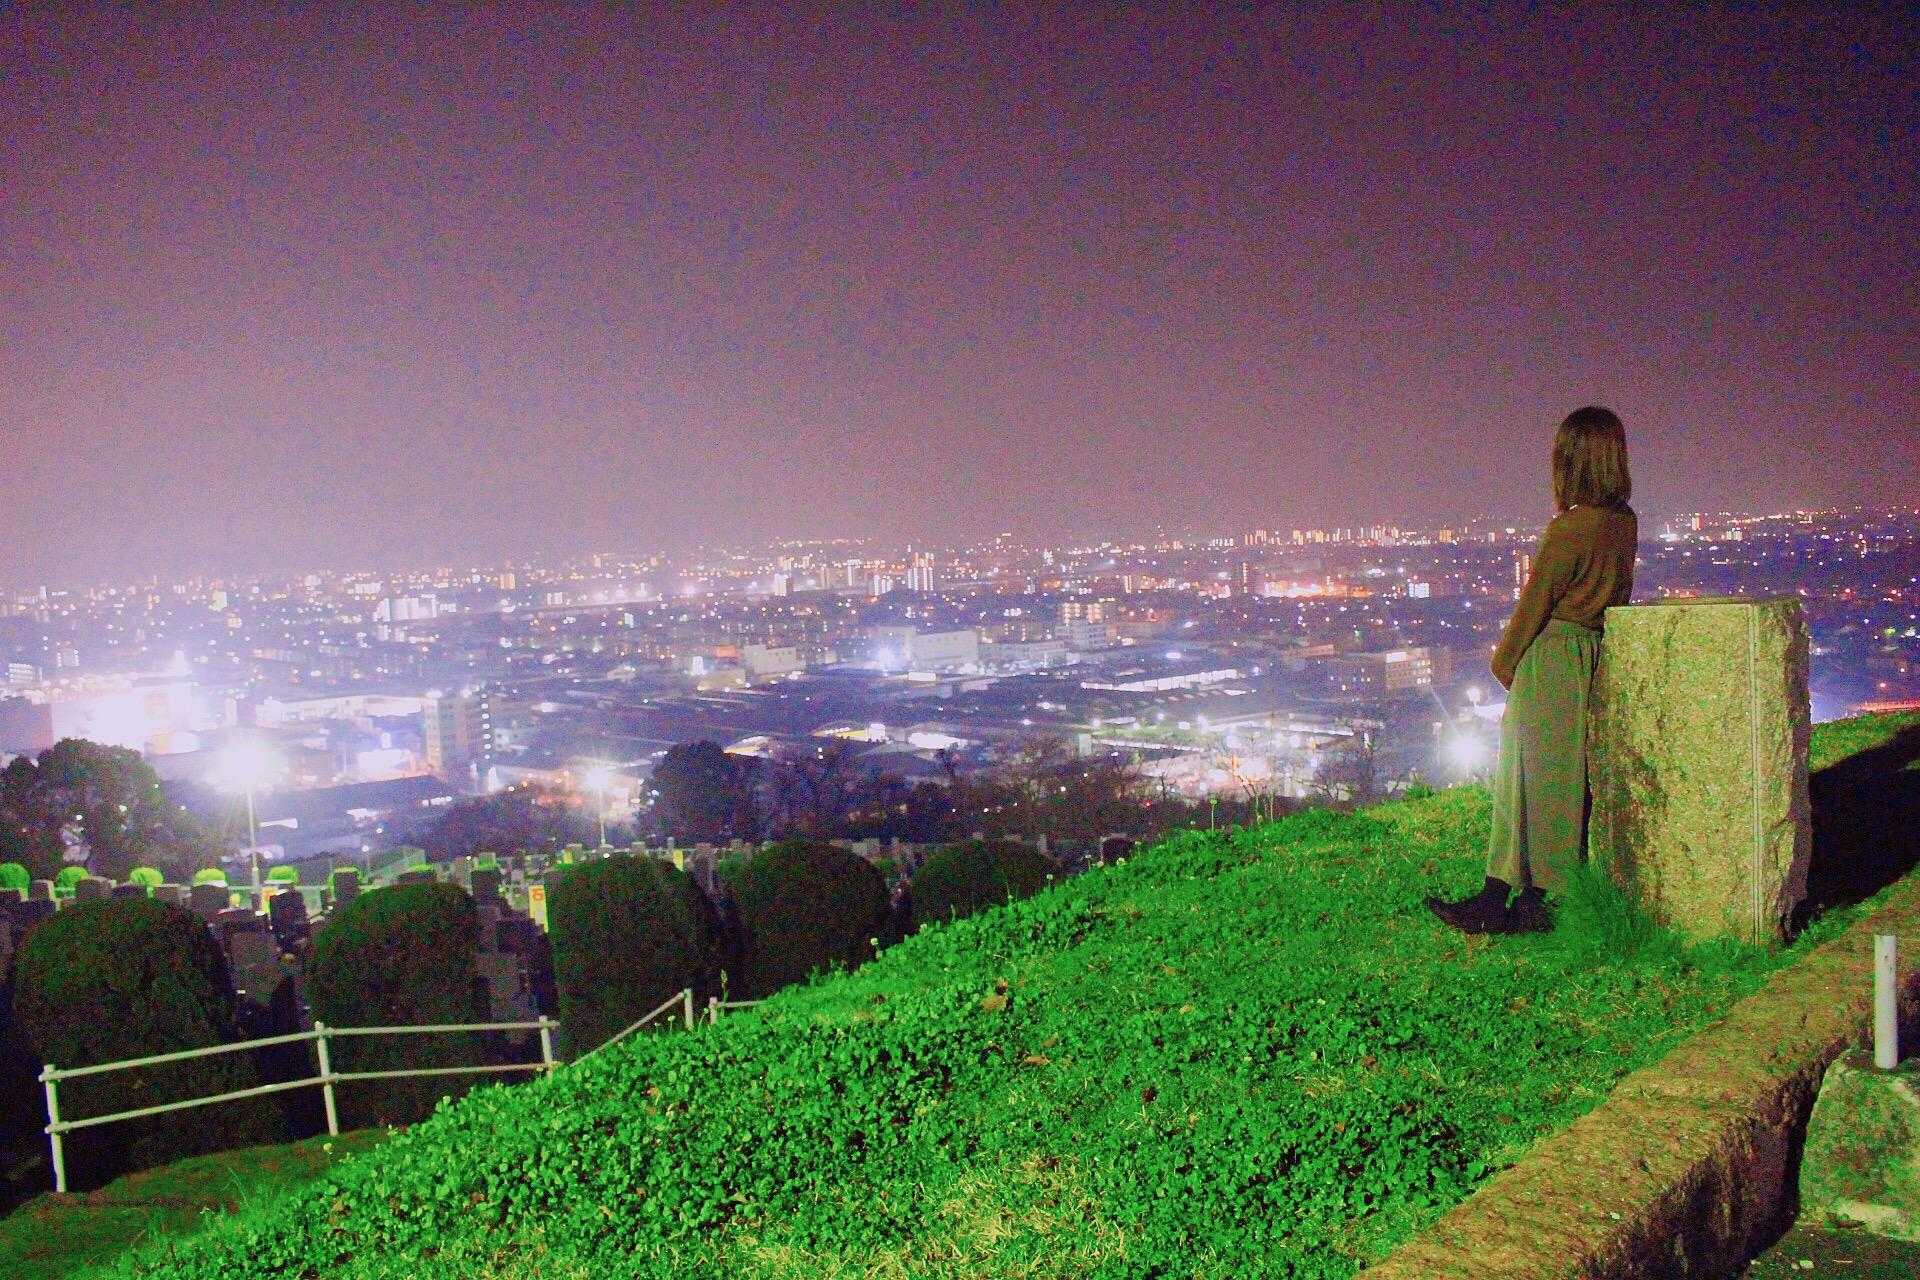 【祈りが丘記念公園】夜景と桜。夜のデートスポット